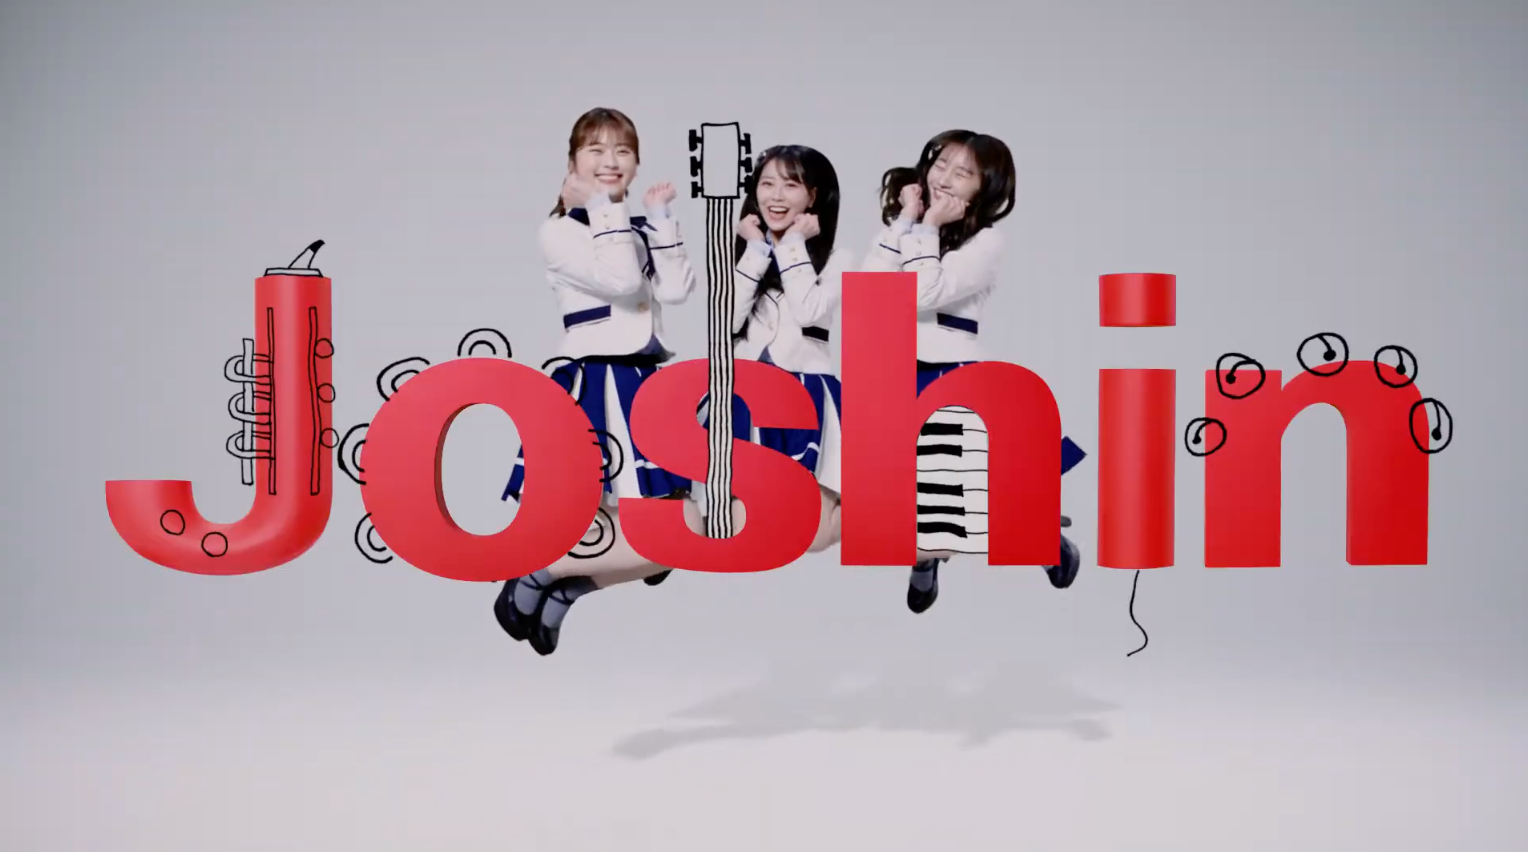 【白間美瑠/渋谷凪咲/山本彩加】3人が出演するJoshinのCM動画がYou Tubeで公開